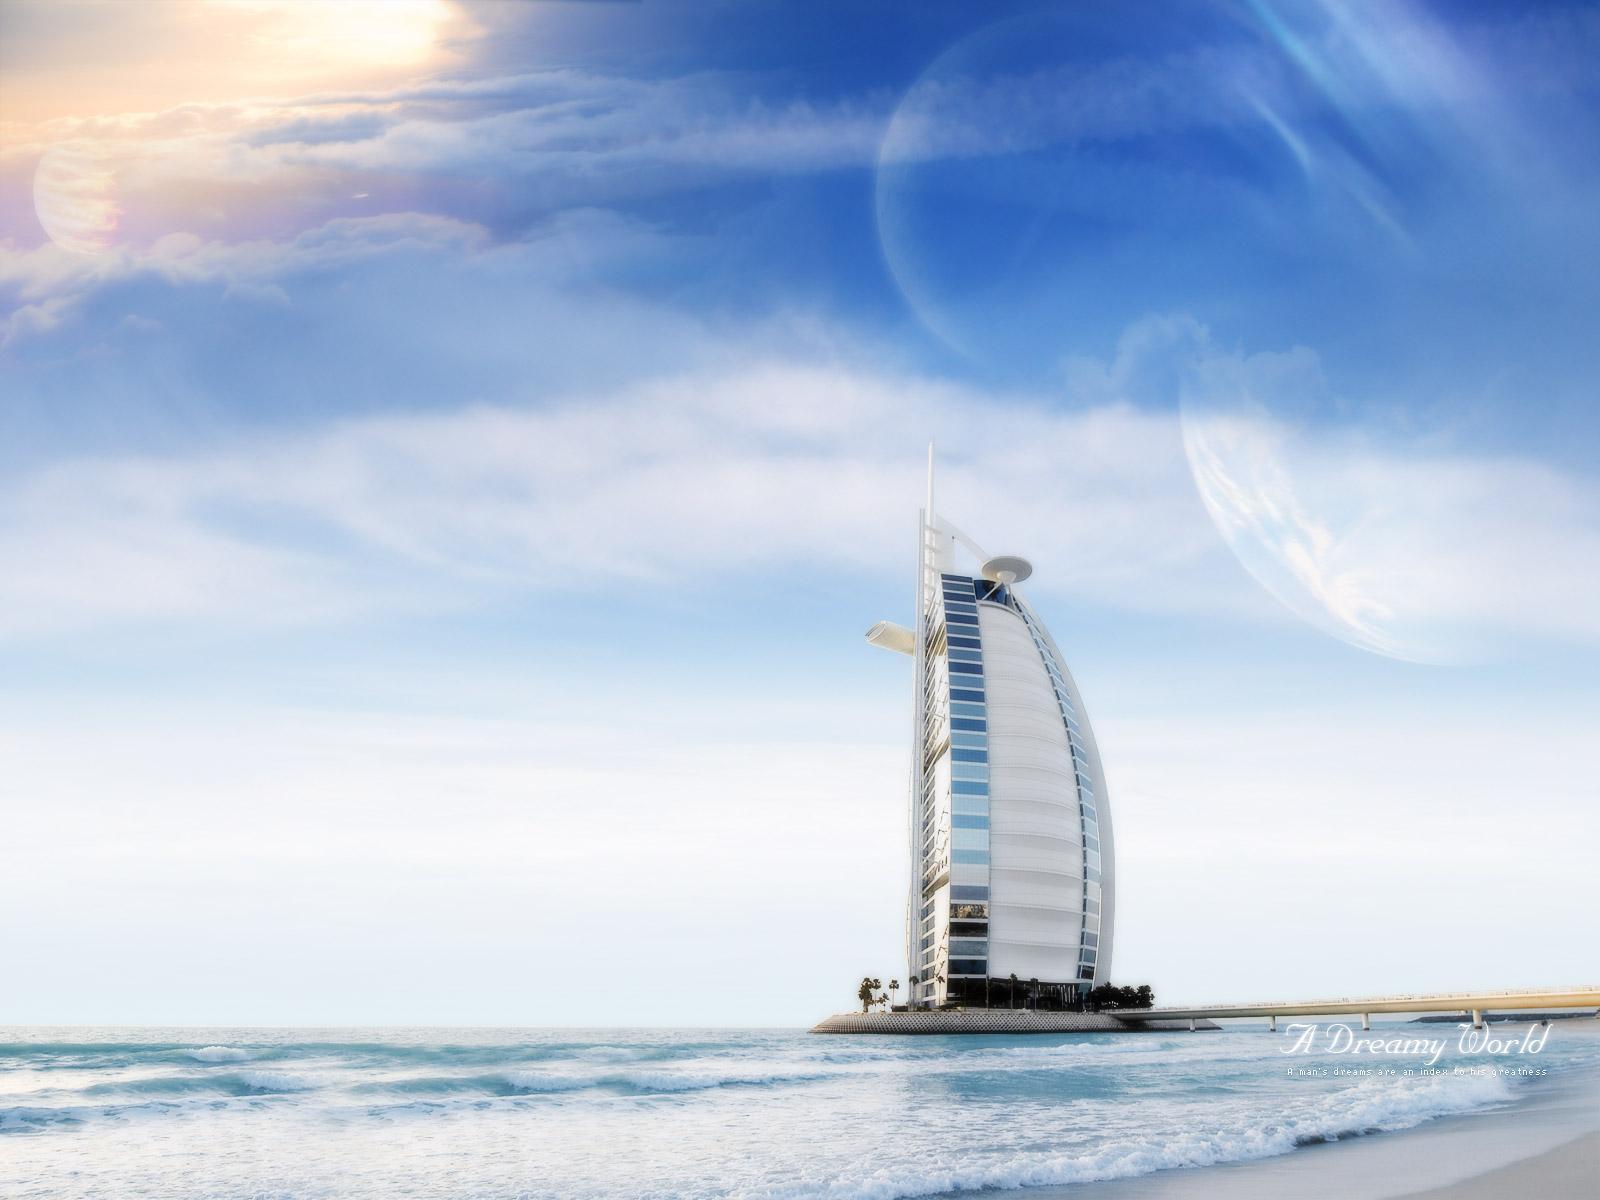 http://2.bp.blogspot.com/-SjX_mzW1LtM/TgXlTlkEadI/AAAAAAAAHl8/T_8eikZWfAg/s1600/Burj-Al-Arab-Dubai-Wallpaper.jpg